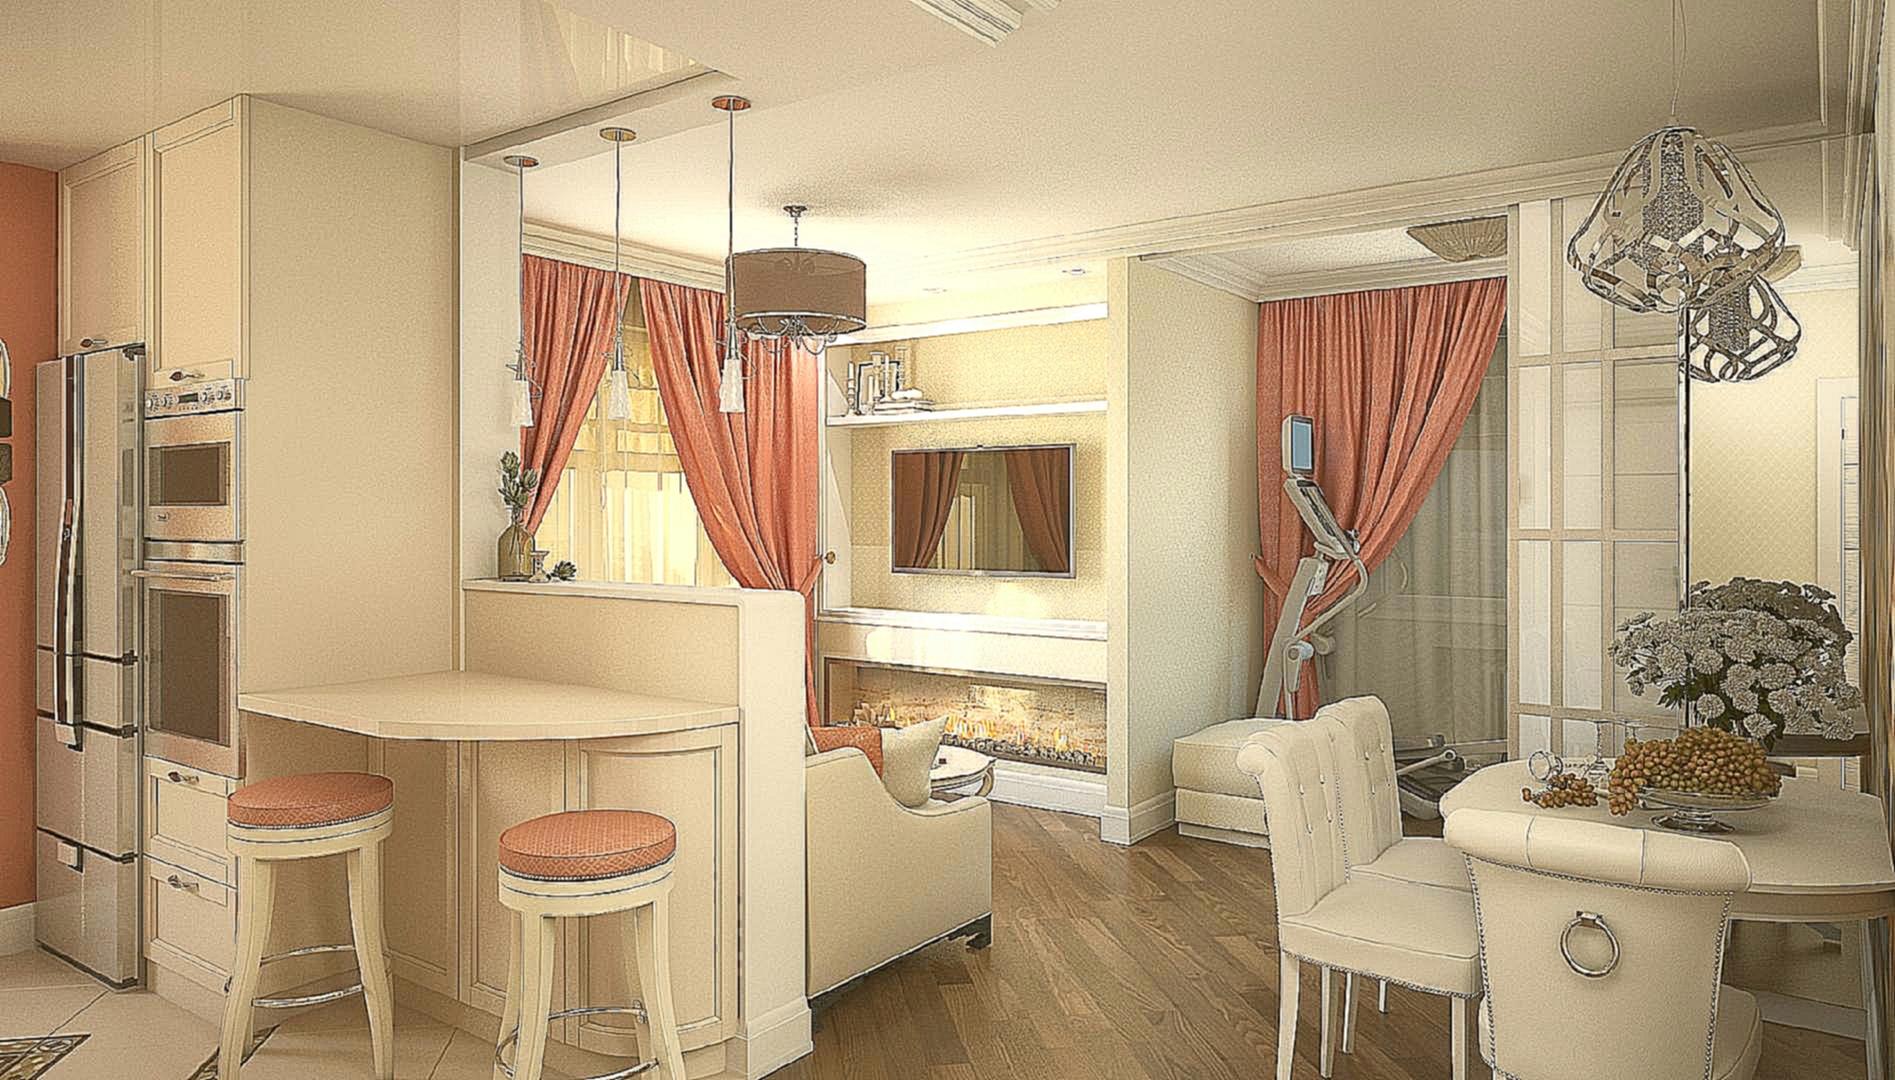 Идеи дизайна квартиры в панельном доме - фото